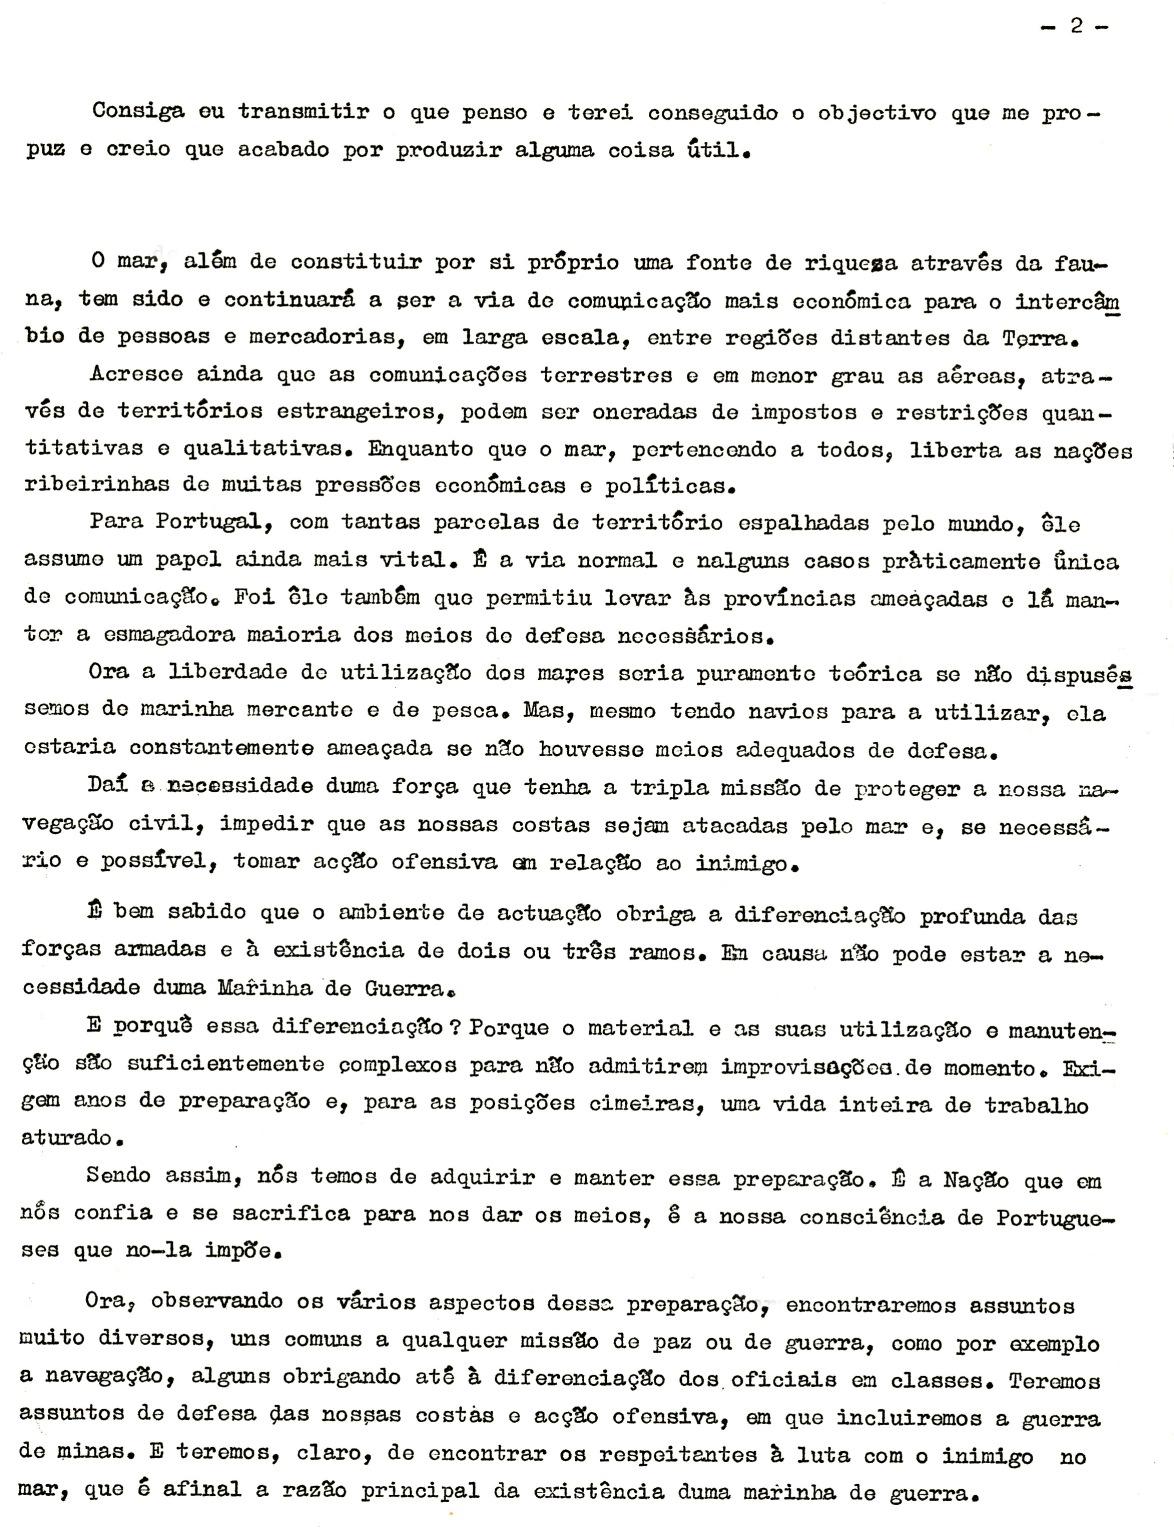 00455 965-11-09 Lição inaugural do ano lectivo da Escola Naval pelo Professor Cap-ten Nunes da Silva pág 2 de 7